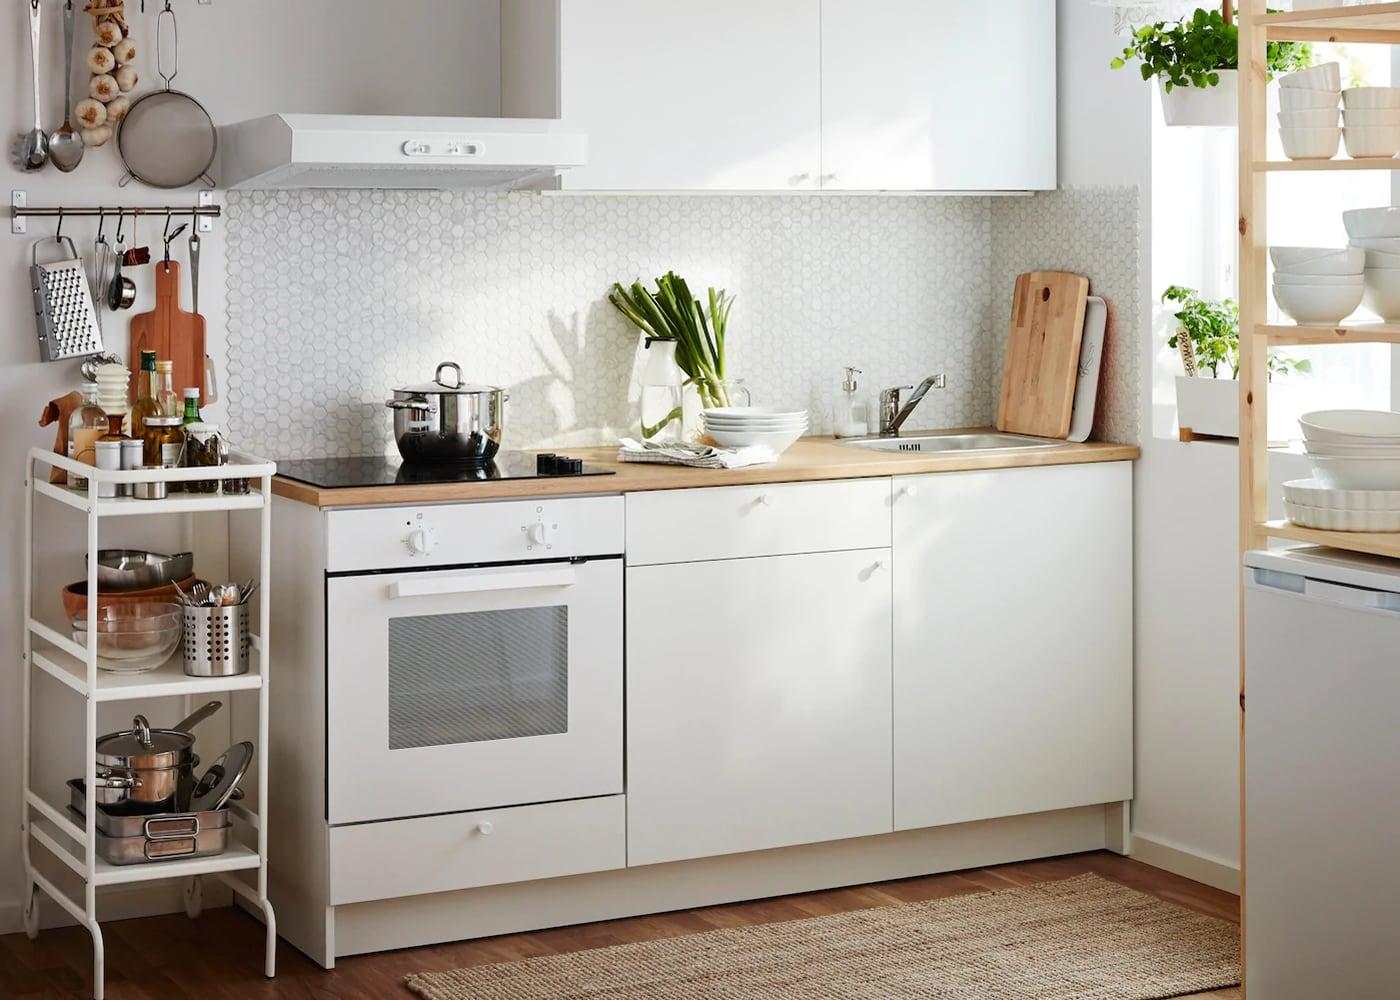 Eine kleine weiße Küche, bestehend aus einer Komplettlösung Unterschränke mit Türen, Schubladen, Arbeitsplatte und einem Wandschrank mit Türen. Kombiniert mit einer weißen wandmontierten Dunstabzugshaube, einem Ofen und einem schwarzen Glaskeramikkochfeld.